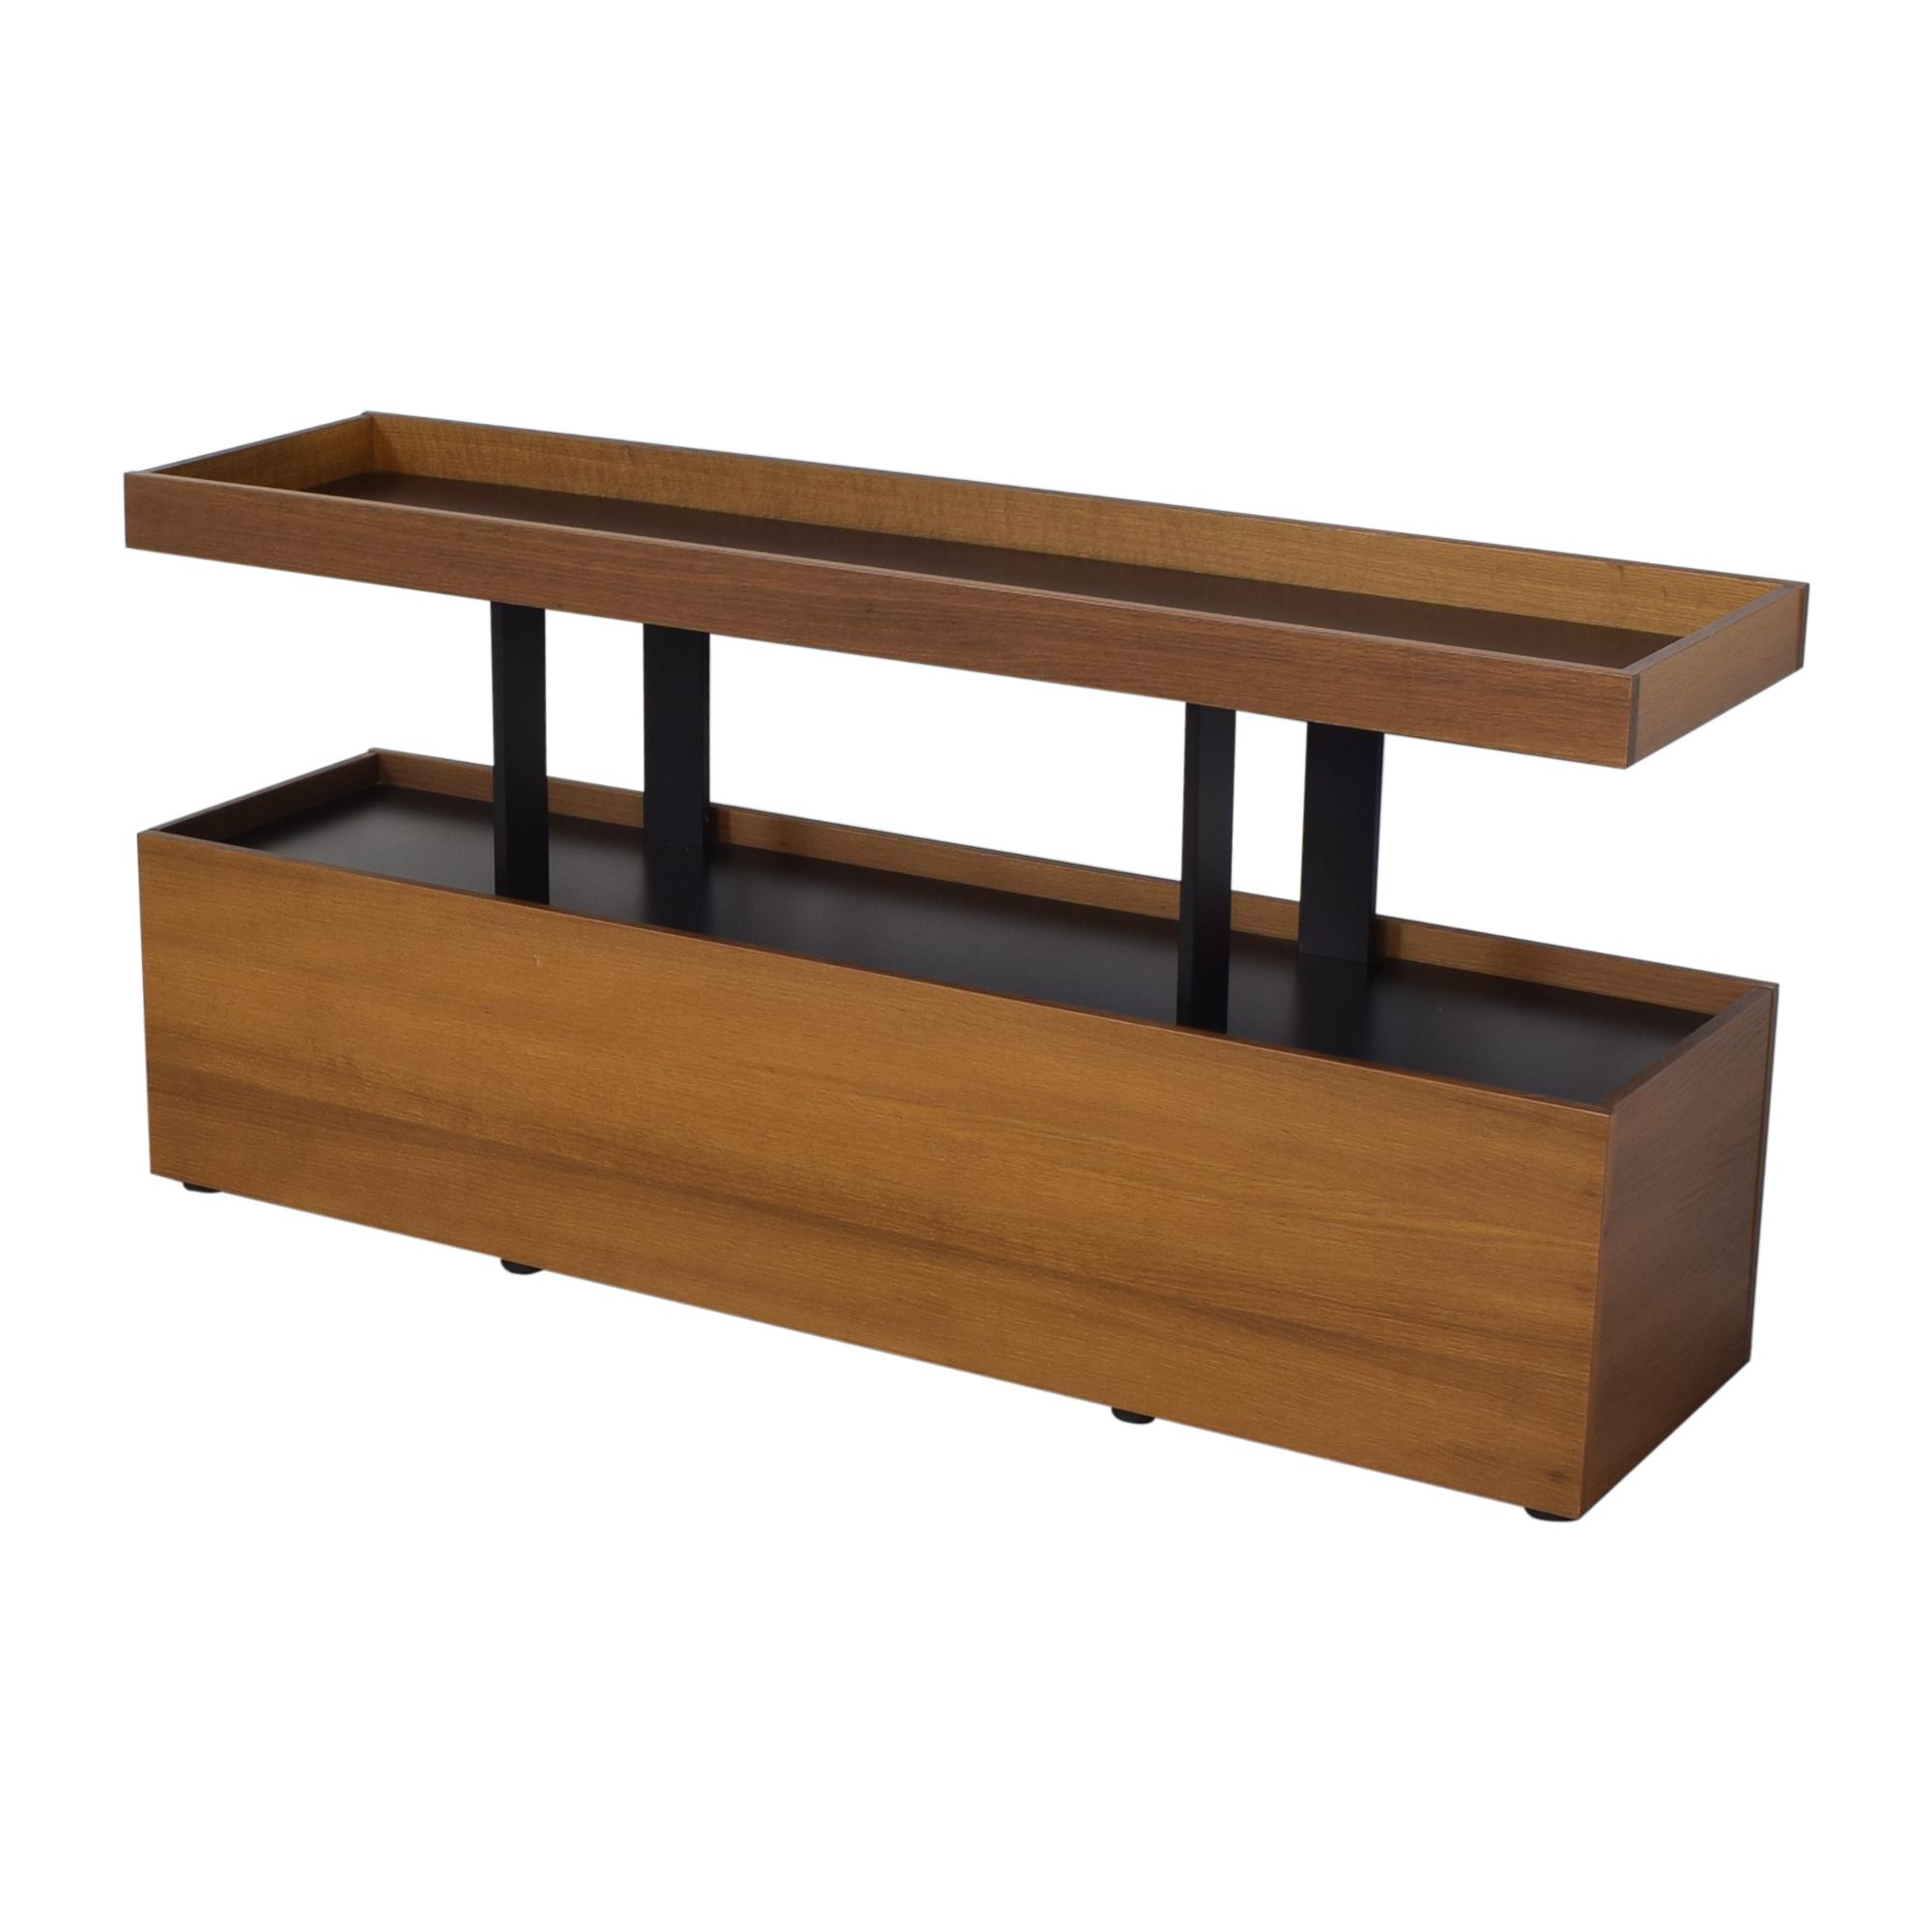 Koleksiyon Rarum Sideboard sale